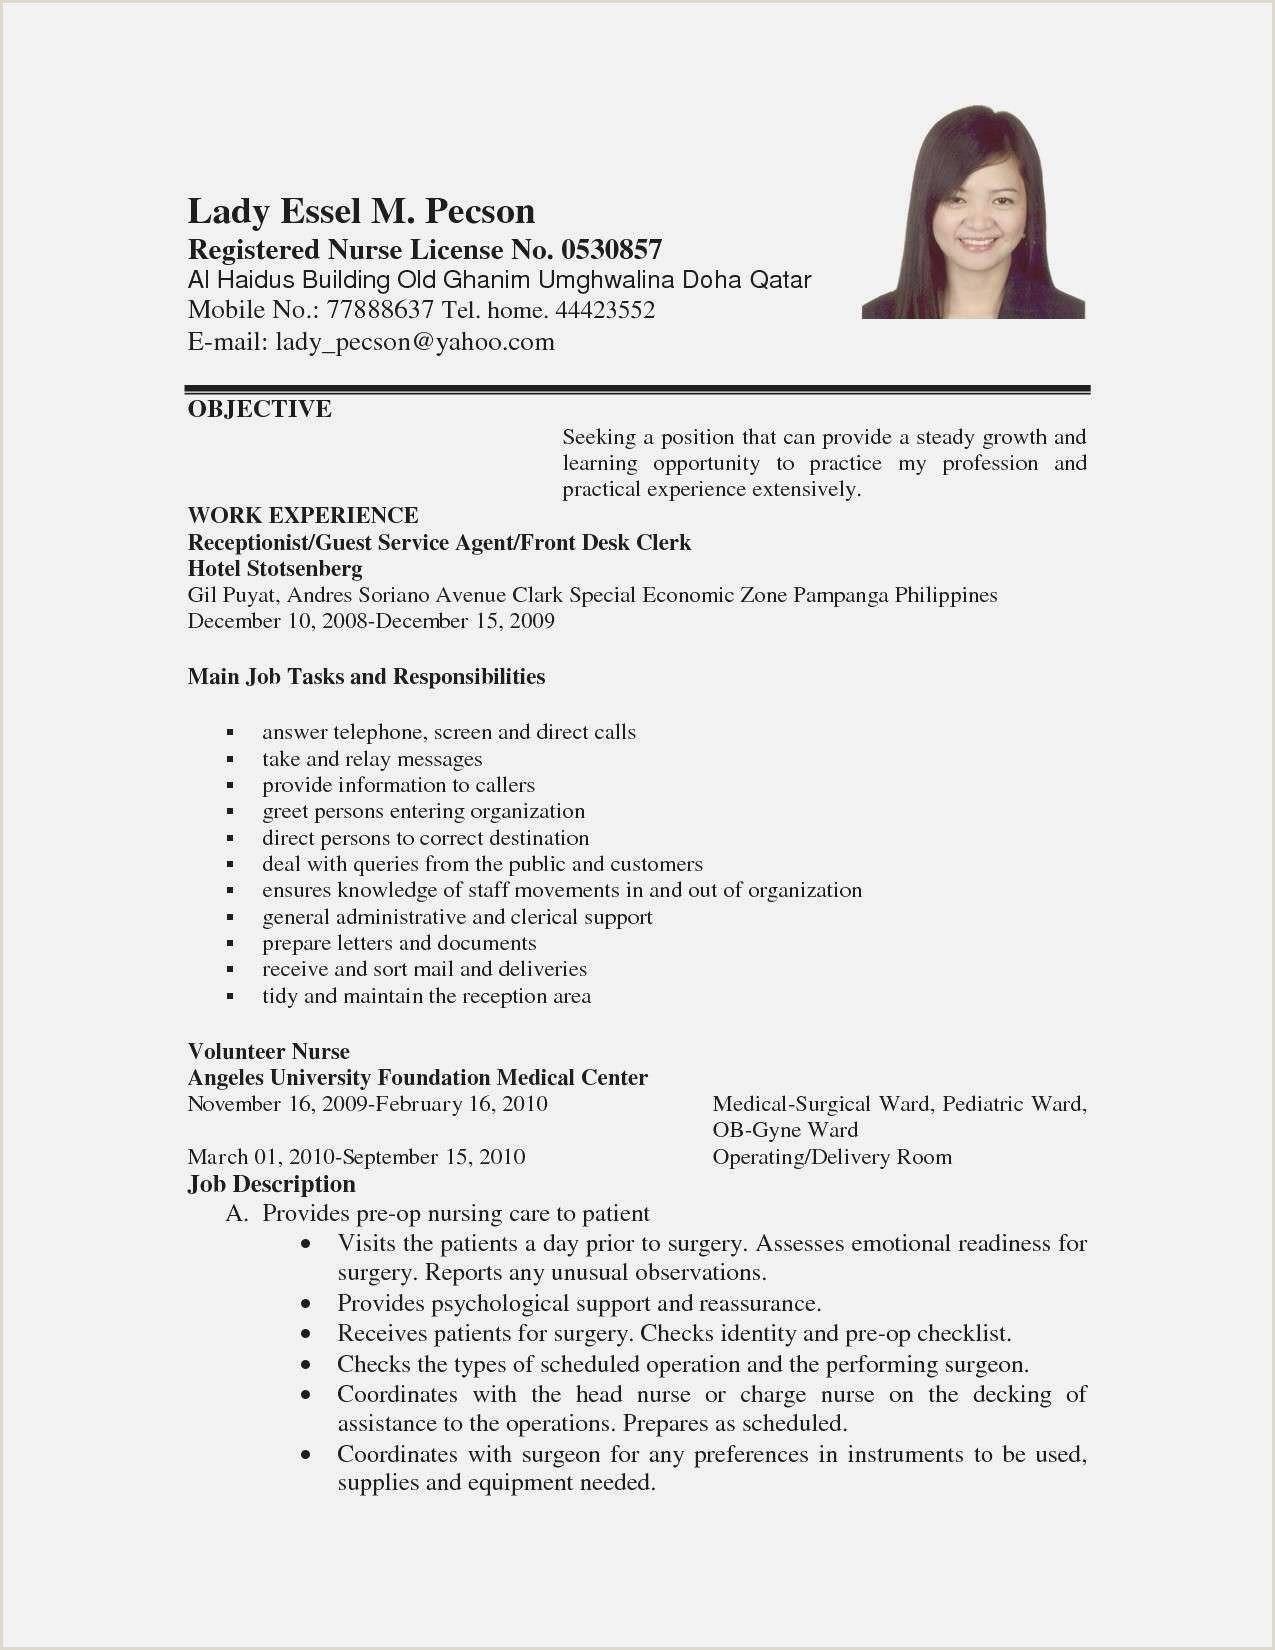 Europass Cv format Template Exemple De Cv Europass élégant Fresh Blank Resume format